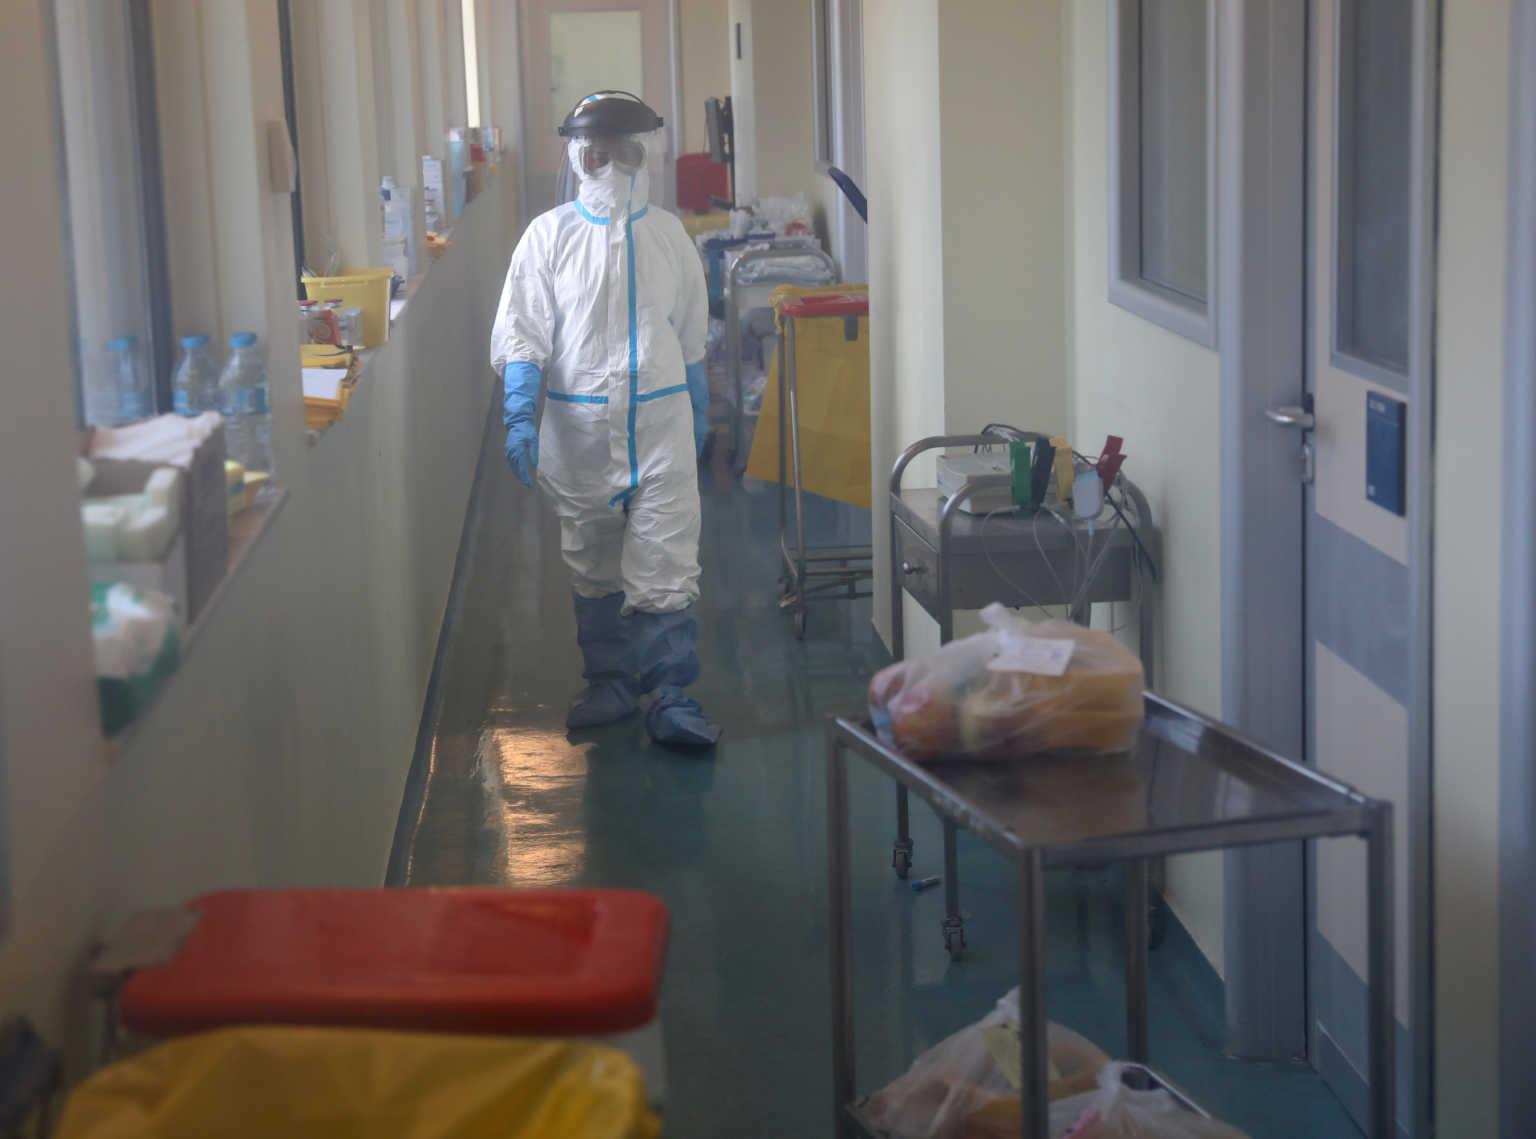 Κορονοϊός: 24 νέα κρούσματα στην Ελλάδα σήμερα (13/07) – Τα 4 εισαγόμενα